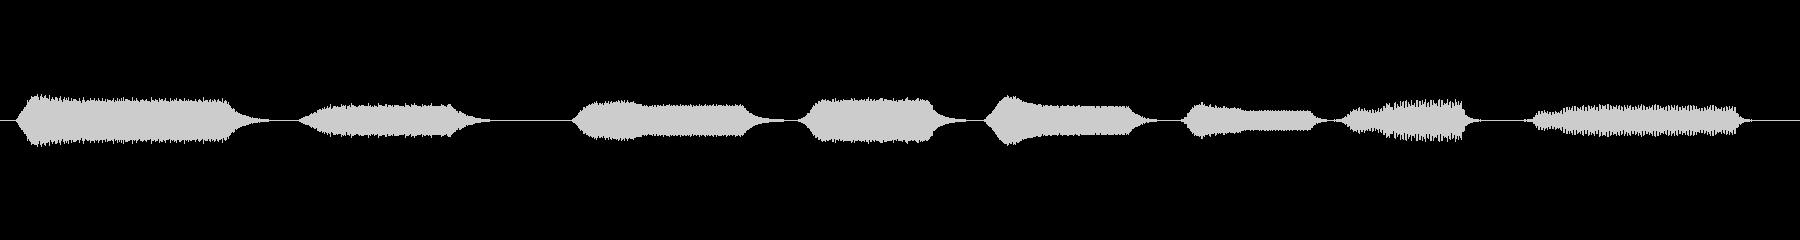 ワーブルトーン:8音階スケールアラ...の未再生の波形